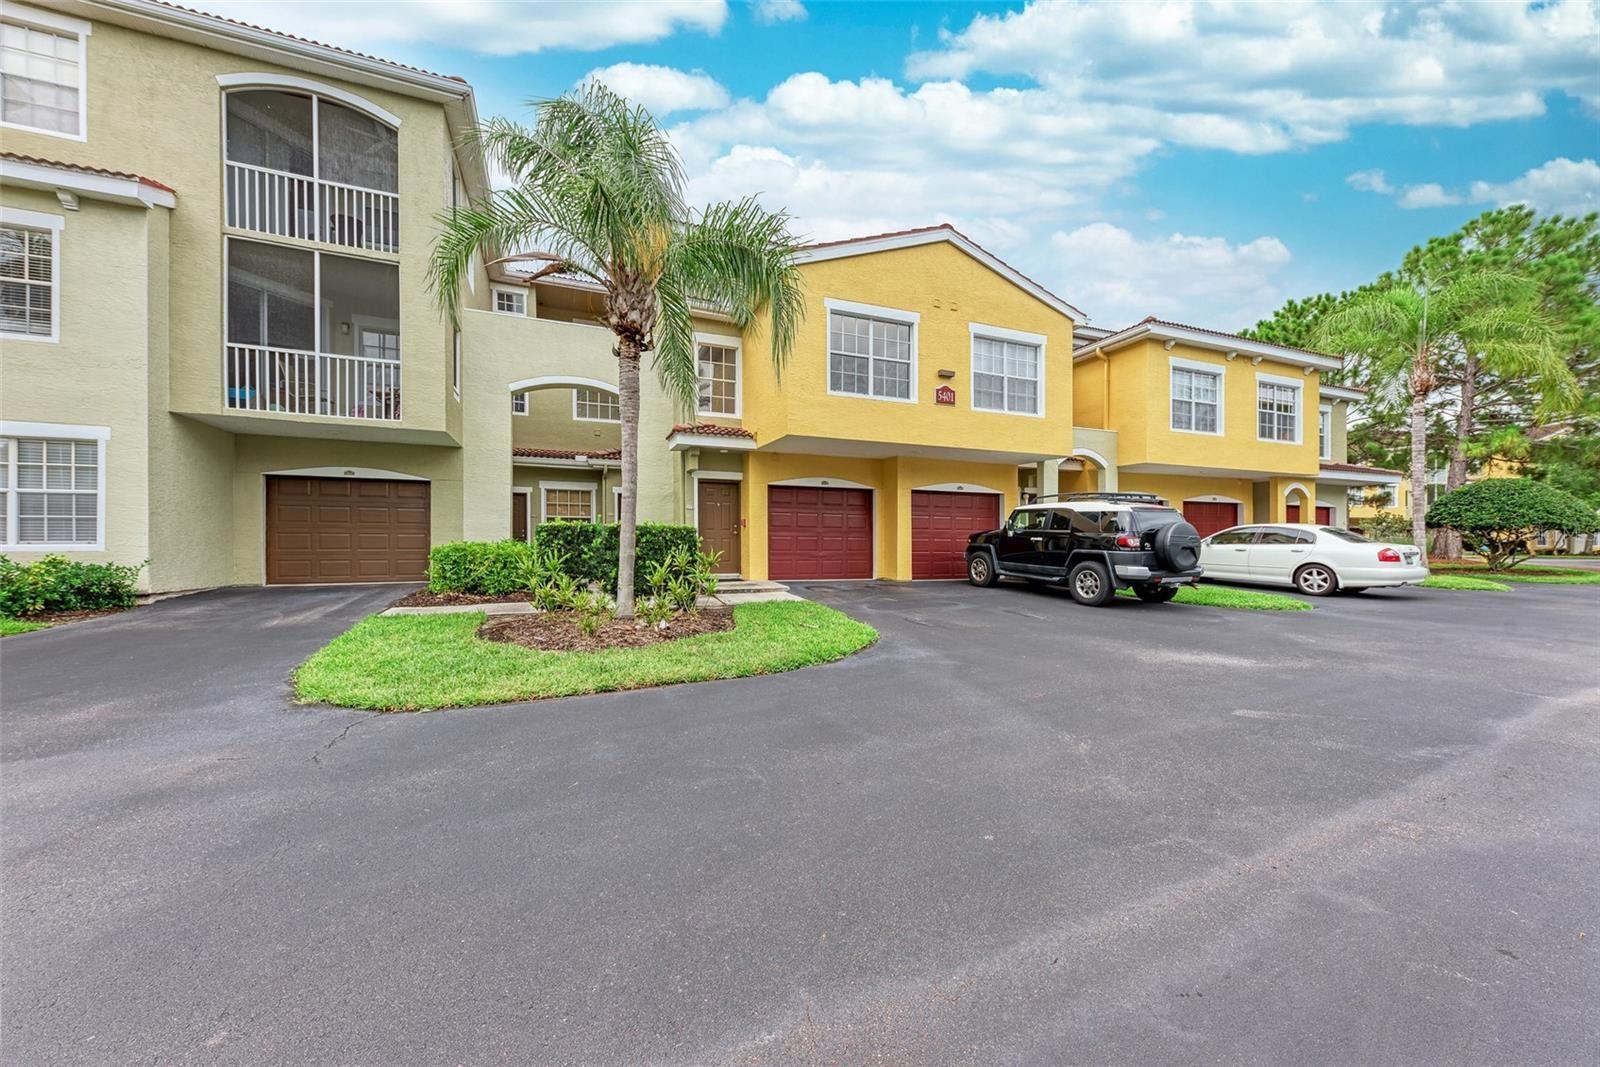 5401 BENTGRASS DRIVE #1-114, Sarasota, FL 34235 - #: A4504263